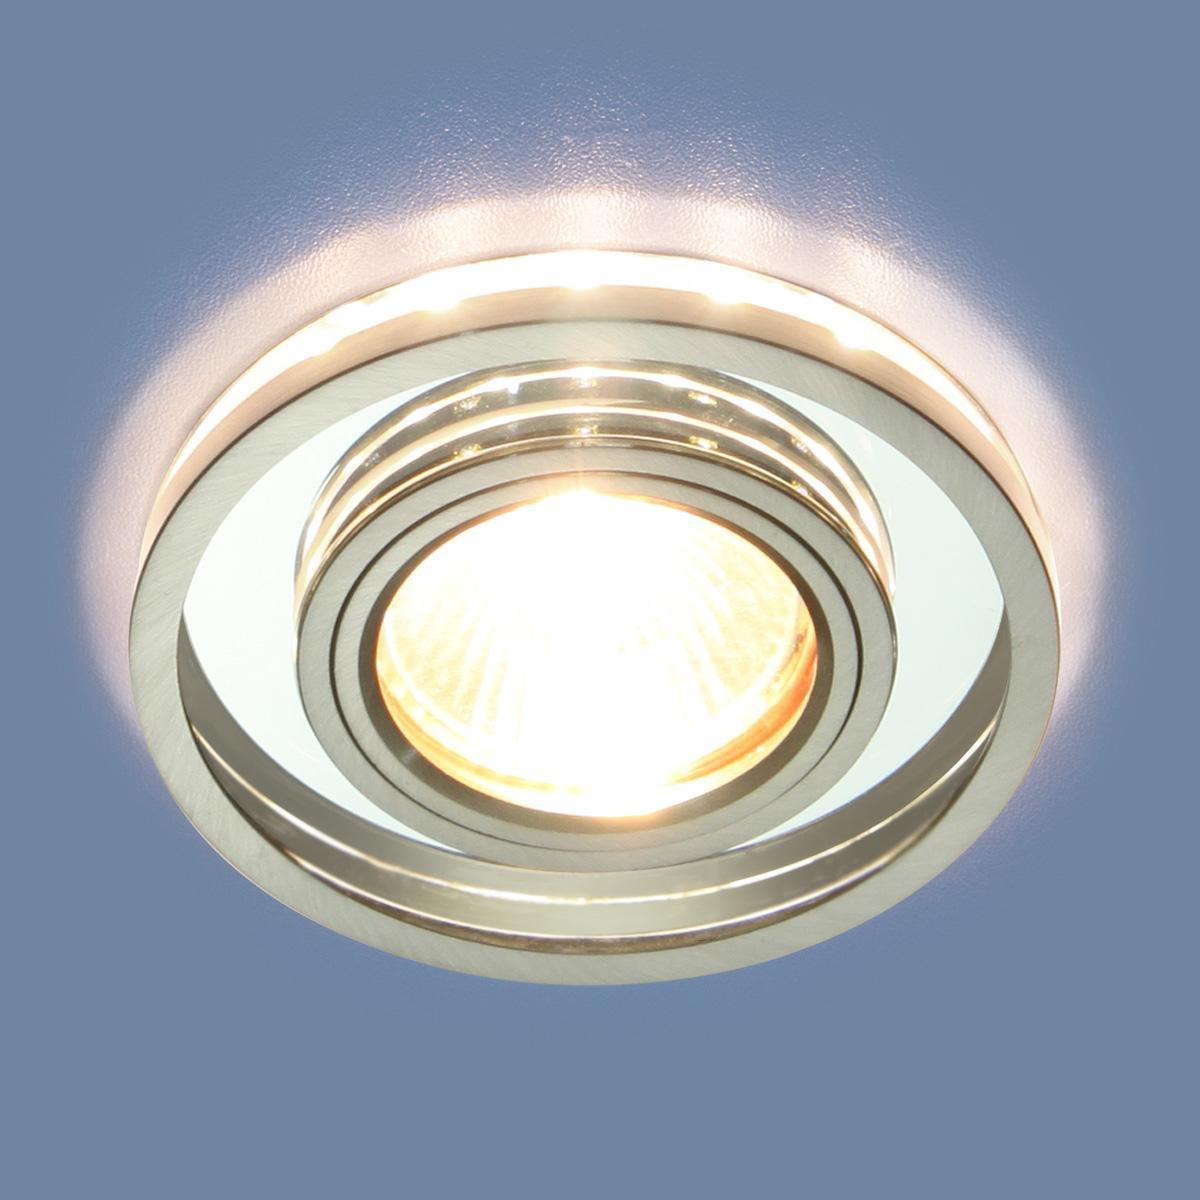 Фото - Встраиваемый светильник Elektrostandard 7021 MR16 SL/CH зеркальный/хром 4690389099366 cветильник галогенный de fran встраиваемый 1х50вт mr16 ip20 зел античное золото